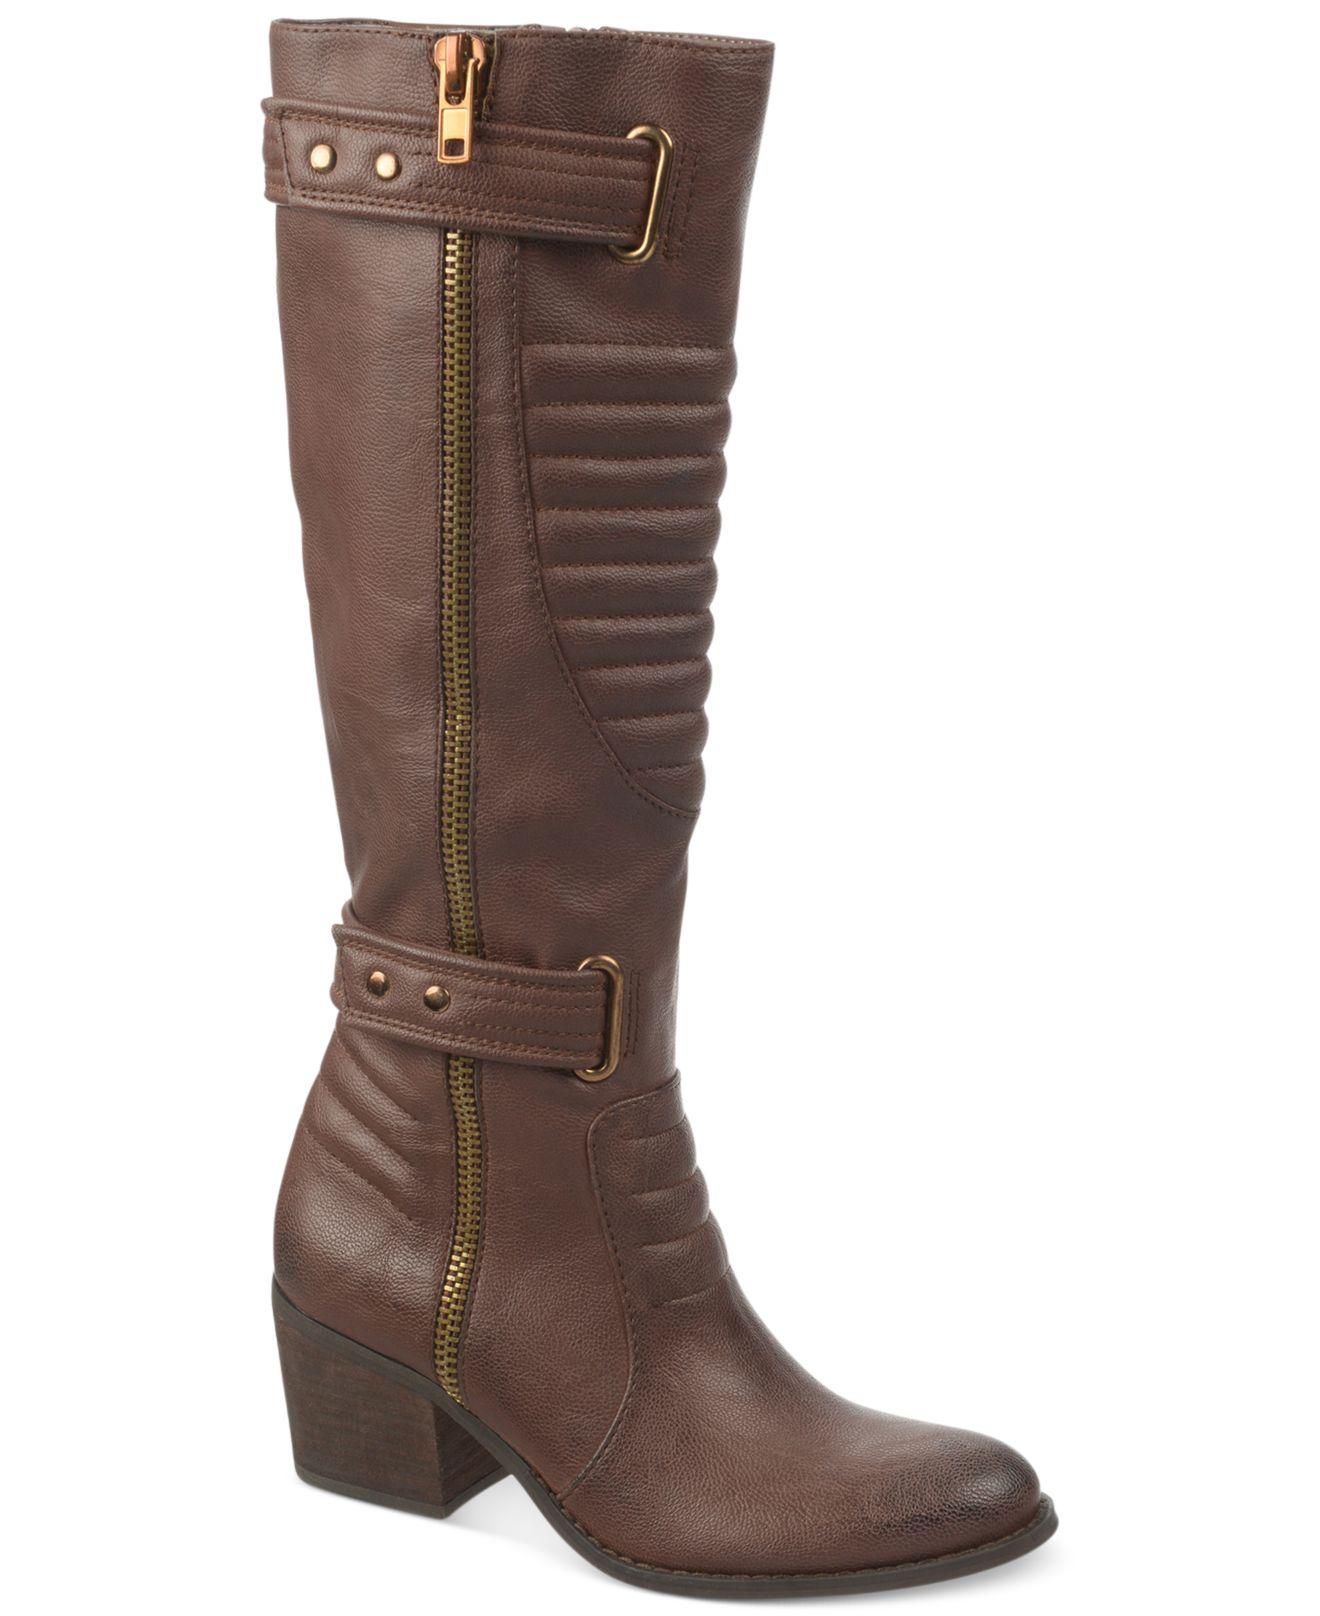 carlos by carlos santana vesta moto boots in brown lyst